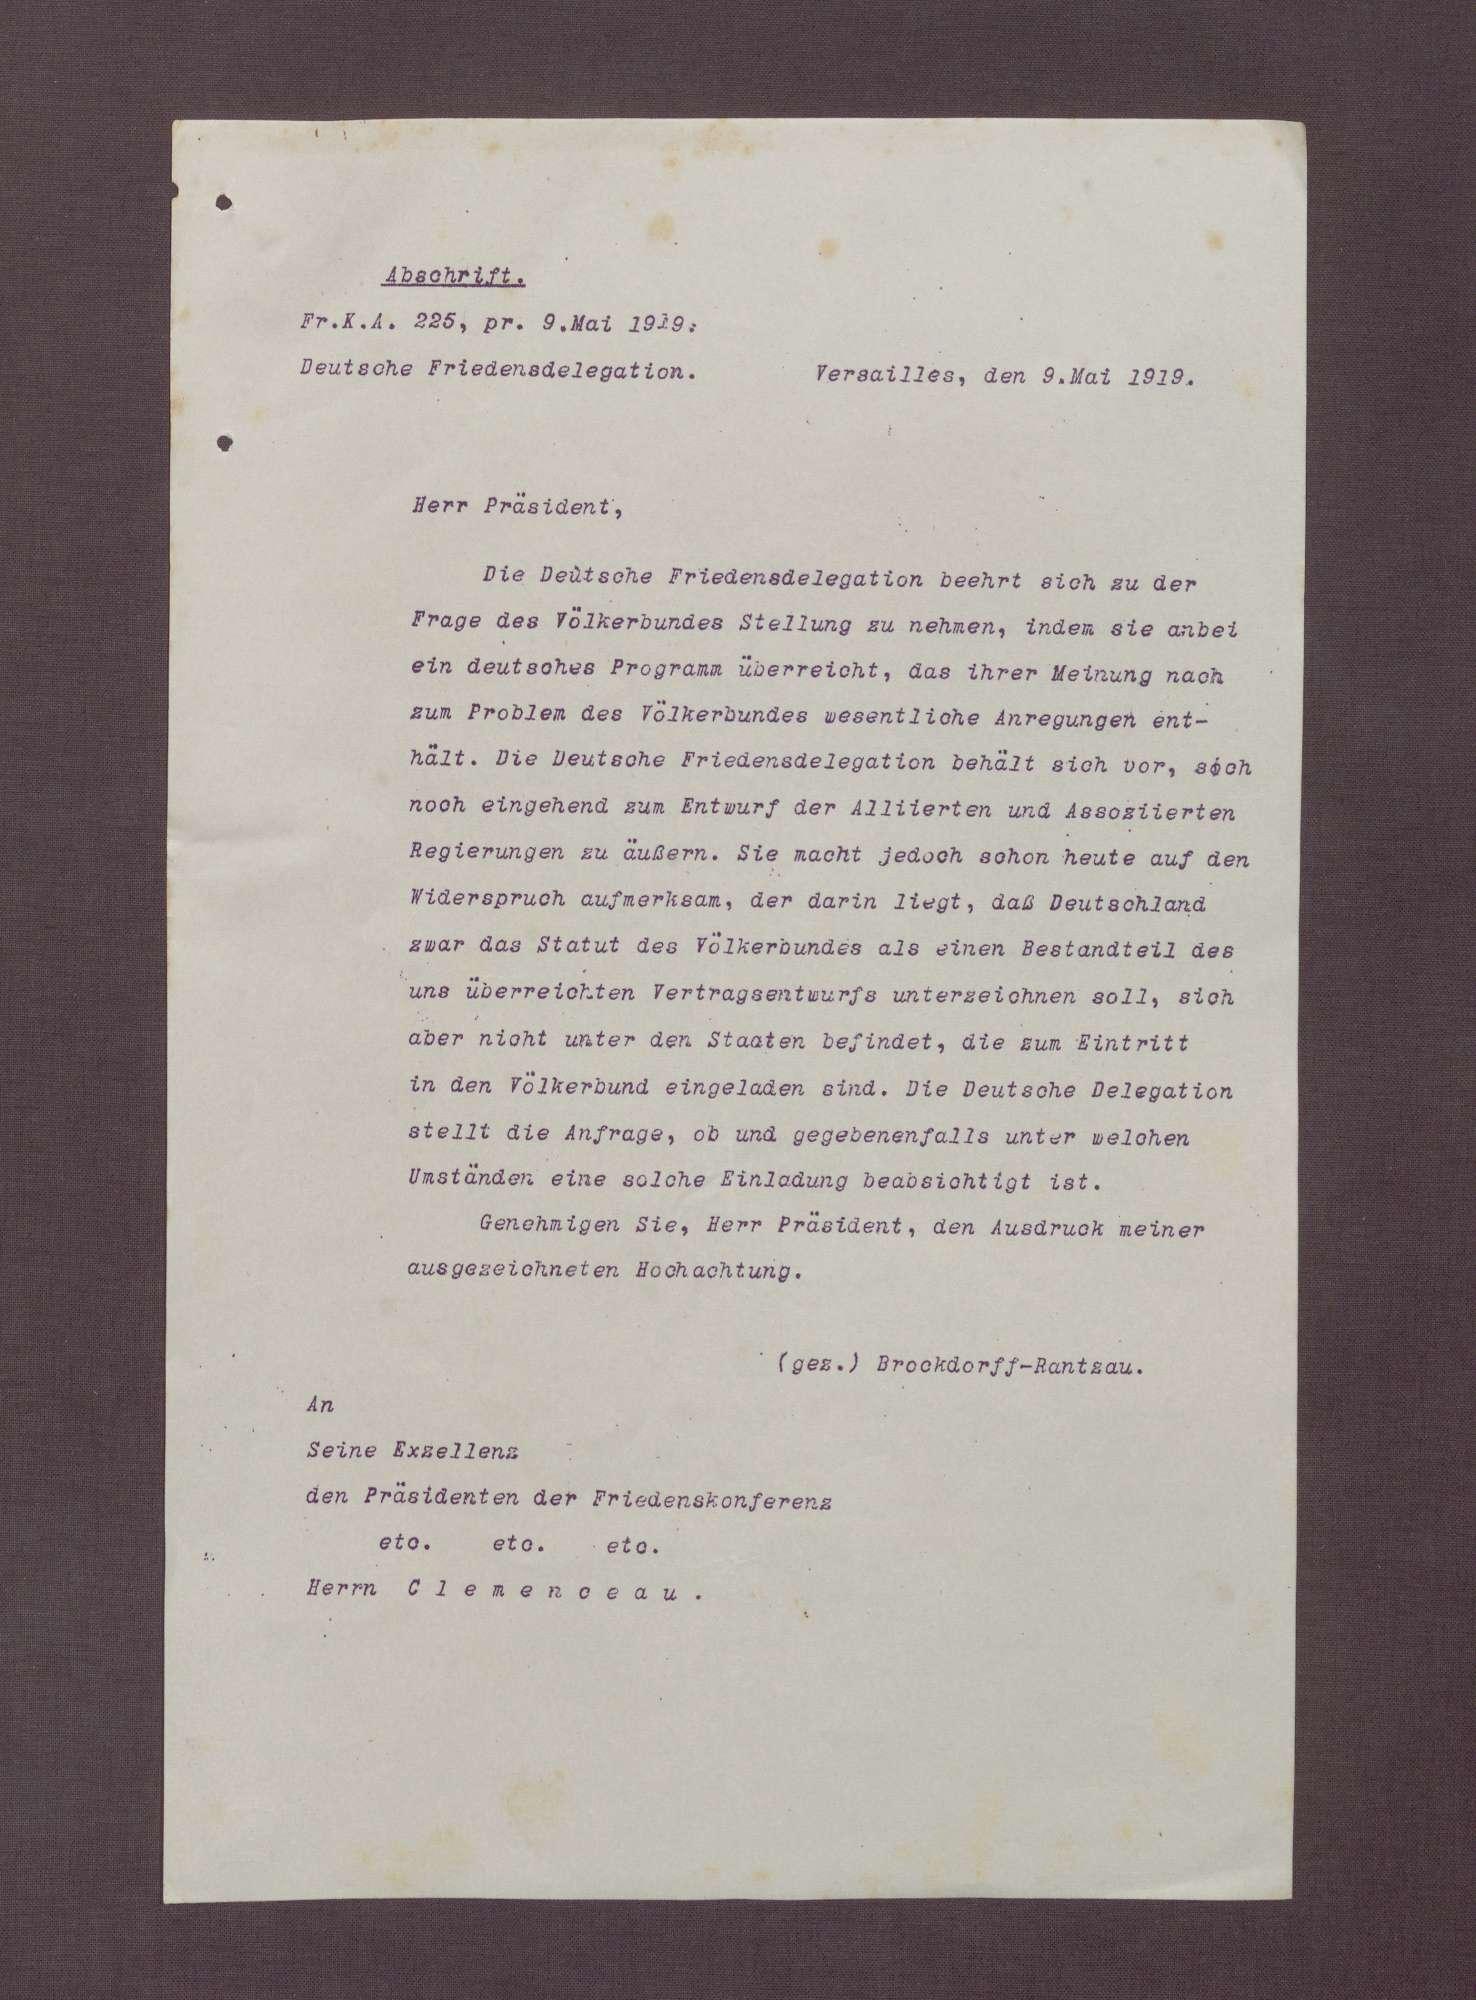 Abschrift eines Schreibens von Brockdorff-Rantzau für die Deutsche Friedensdelegation an Clemenceau; Überreichung des deutschen Programms und Anfrage bzgl. eines Beitritts zum Völkerbund, Bild 1